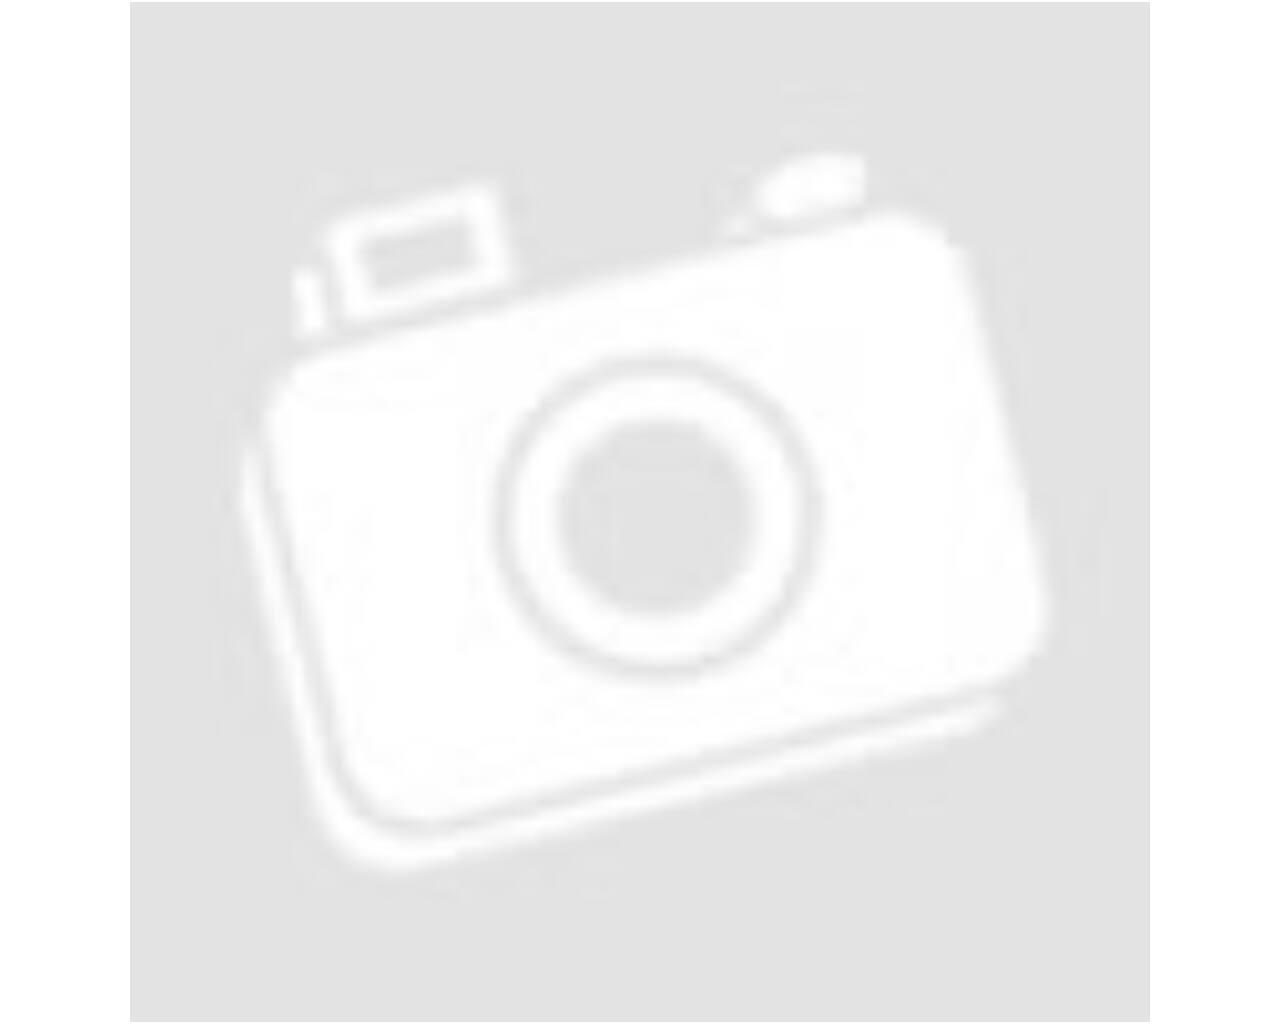 szegőléc rögzítő elem 53 x 25 mm 4 db / készlet